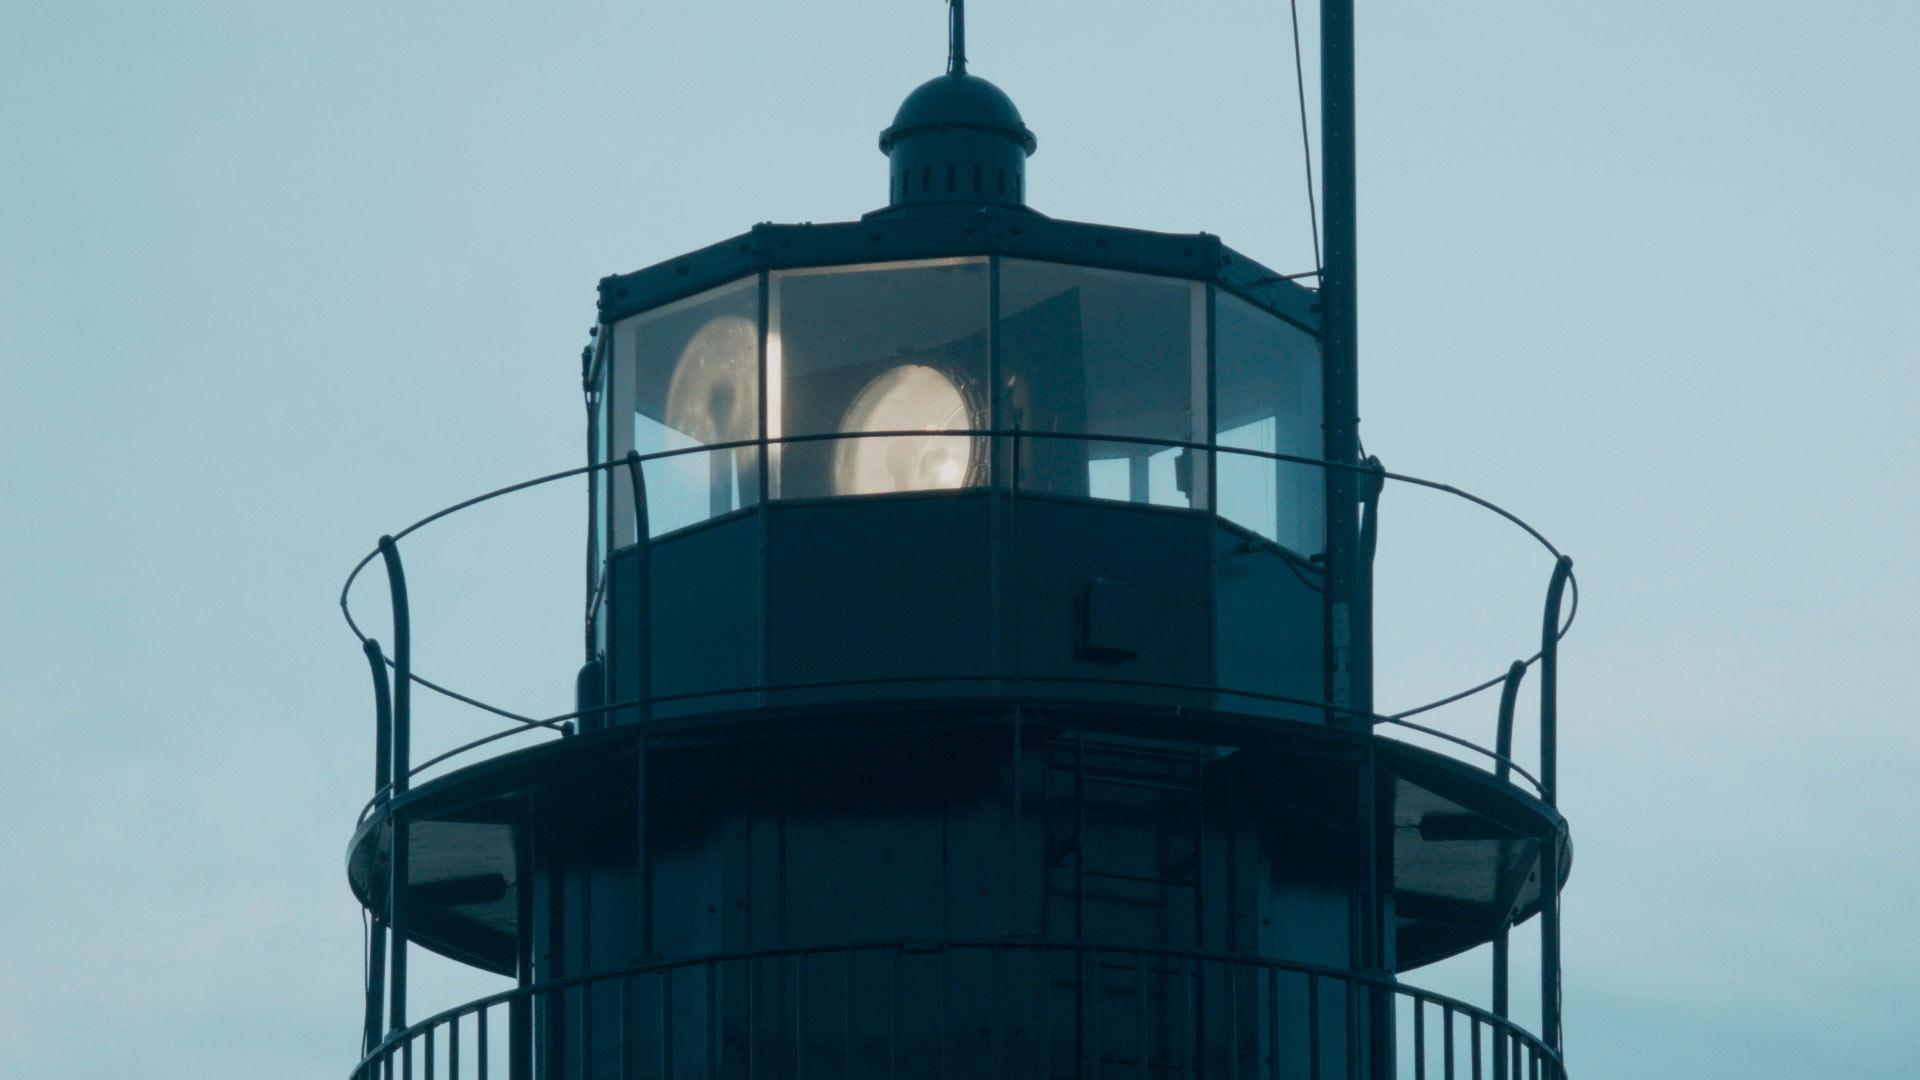 苏杰浩,影片截图 ,出自《早晨的风暴》,2017-18年。  单频数字电影(高清彩色立体声)  时长:17分钟45秒  图片由艺术家提供。